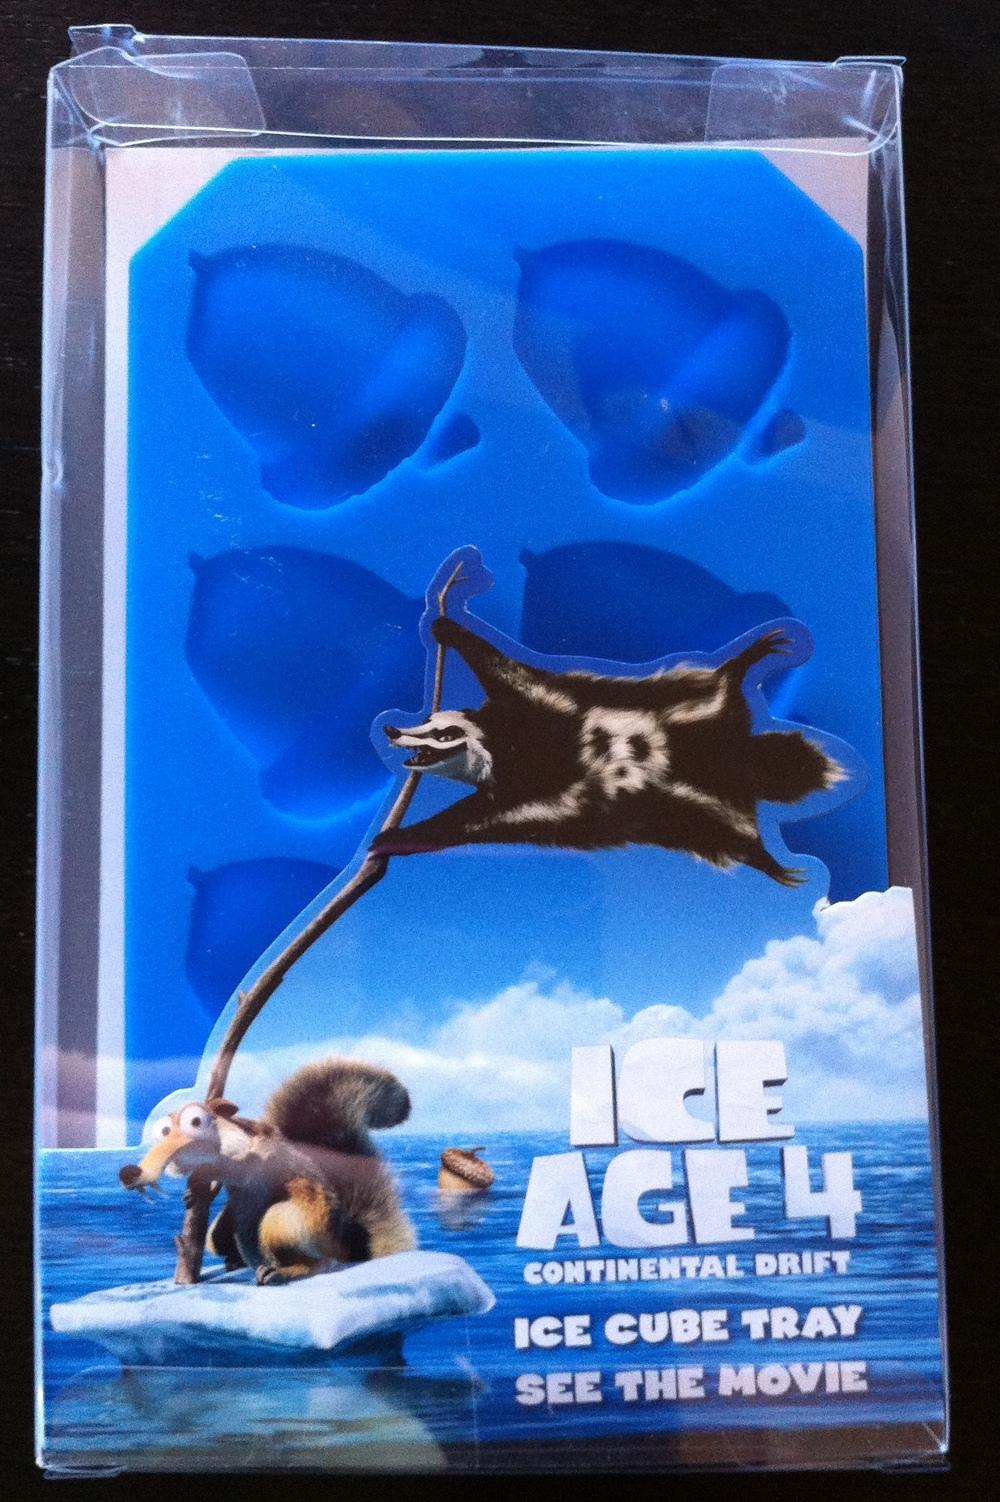 Ice Age Ice Cube Tray.jpg